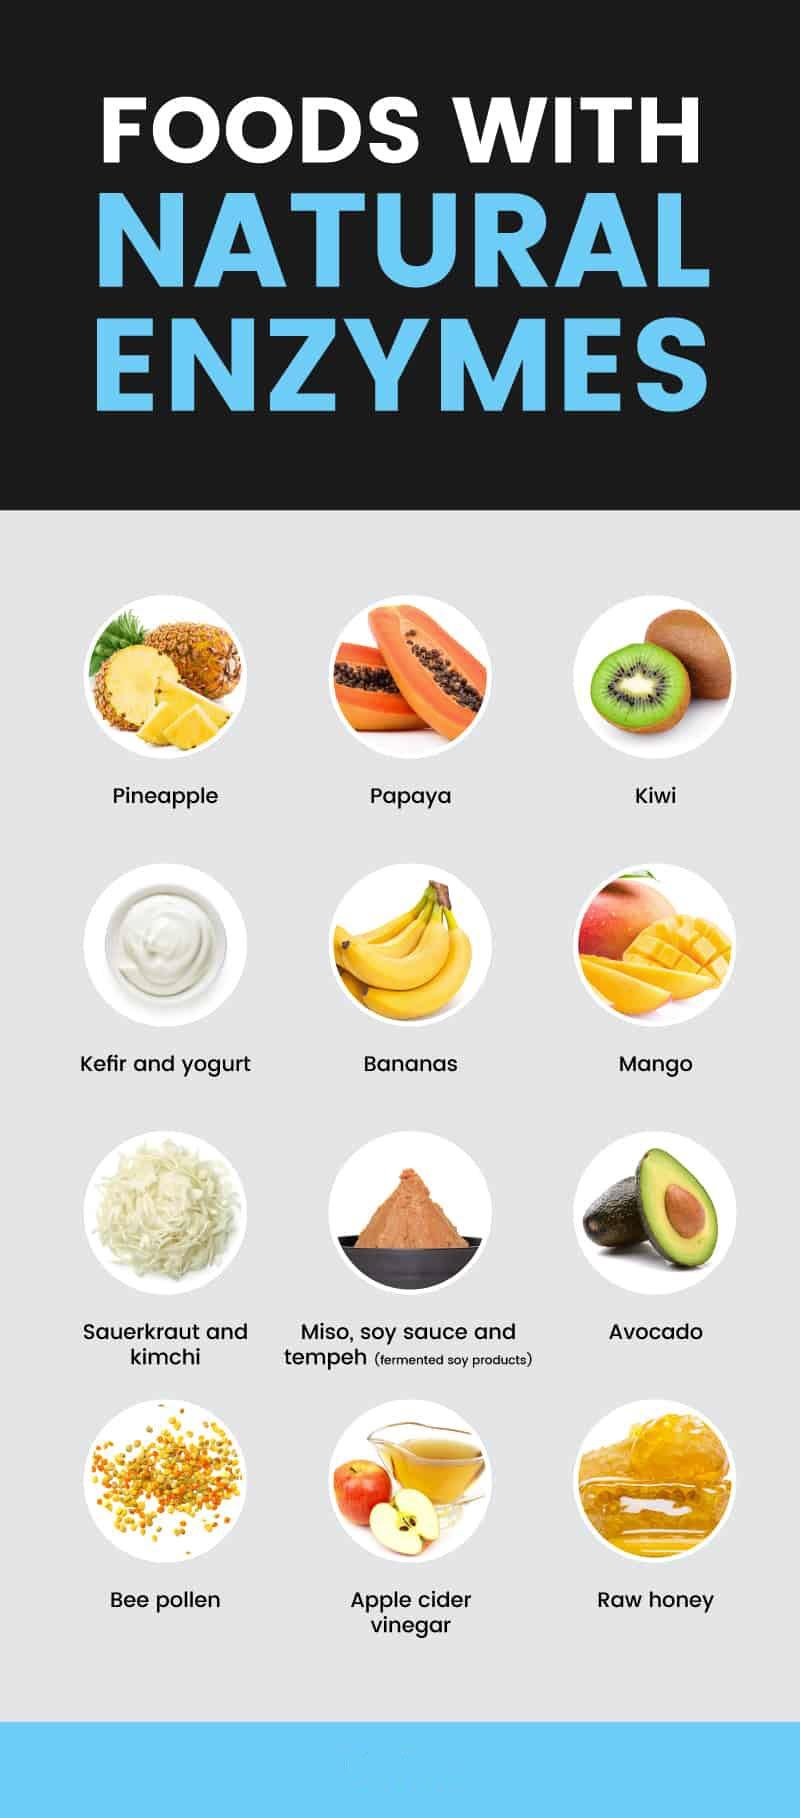 Digestive enzymes - MKexpress.net